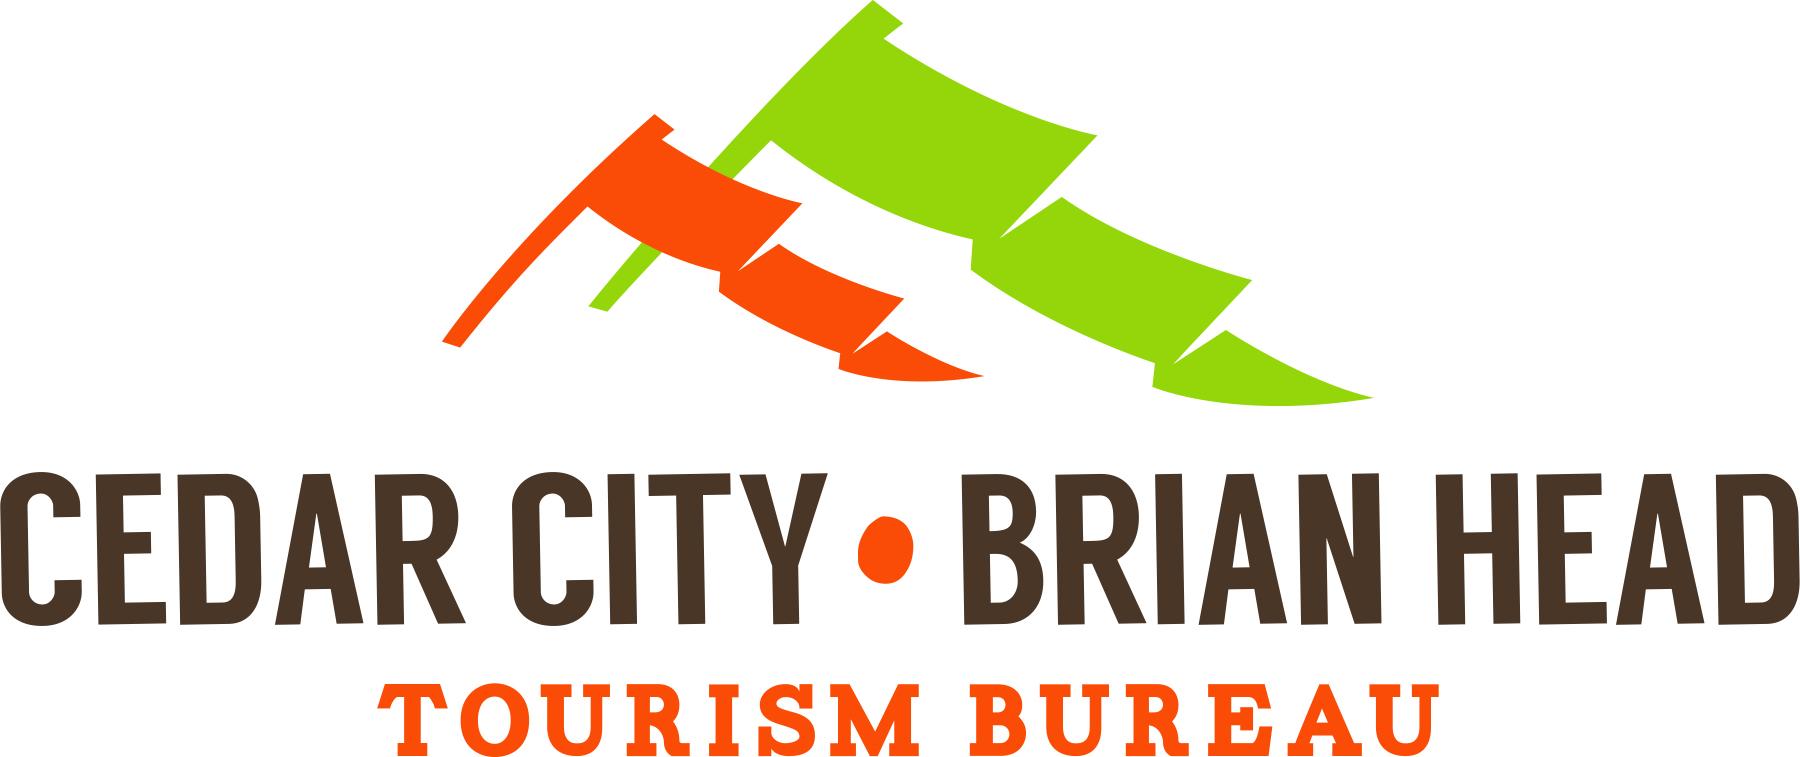 ccbhtourism